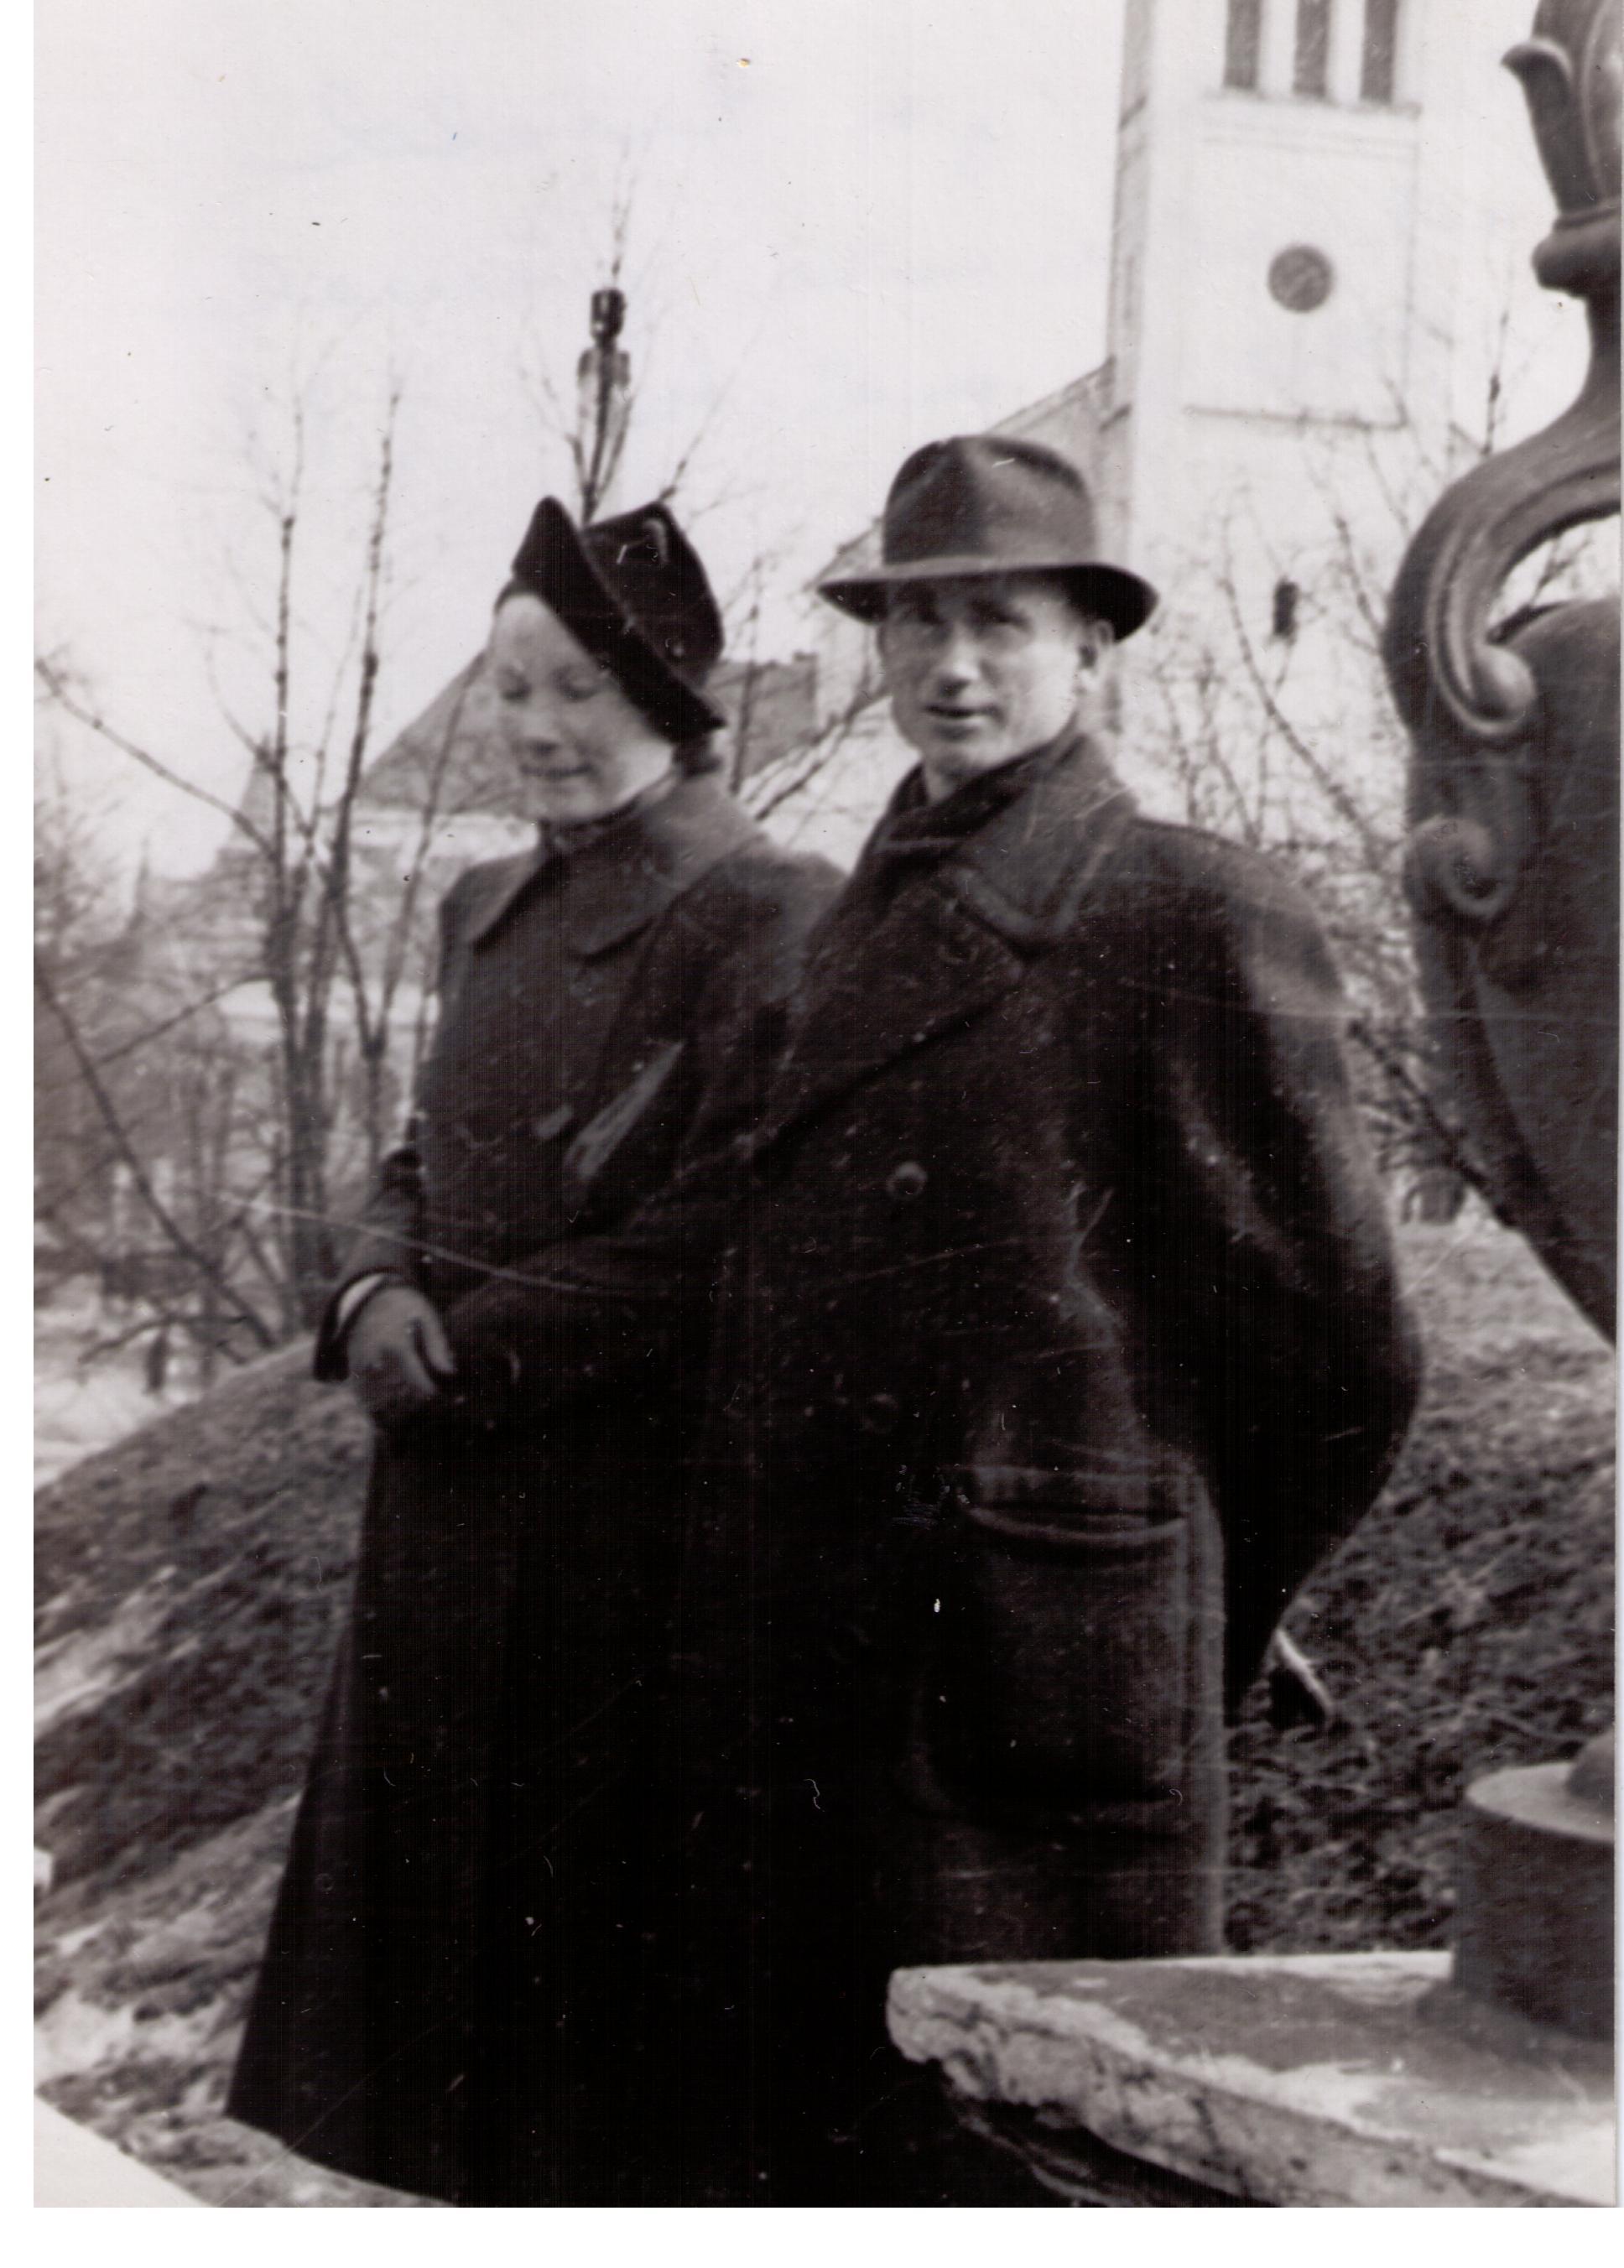 Valli ja Evald abiellumise päeval 1940. aastal, arvatavasti märtsis